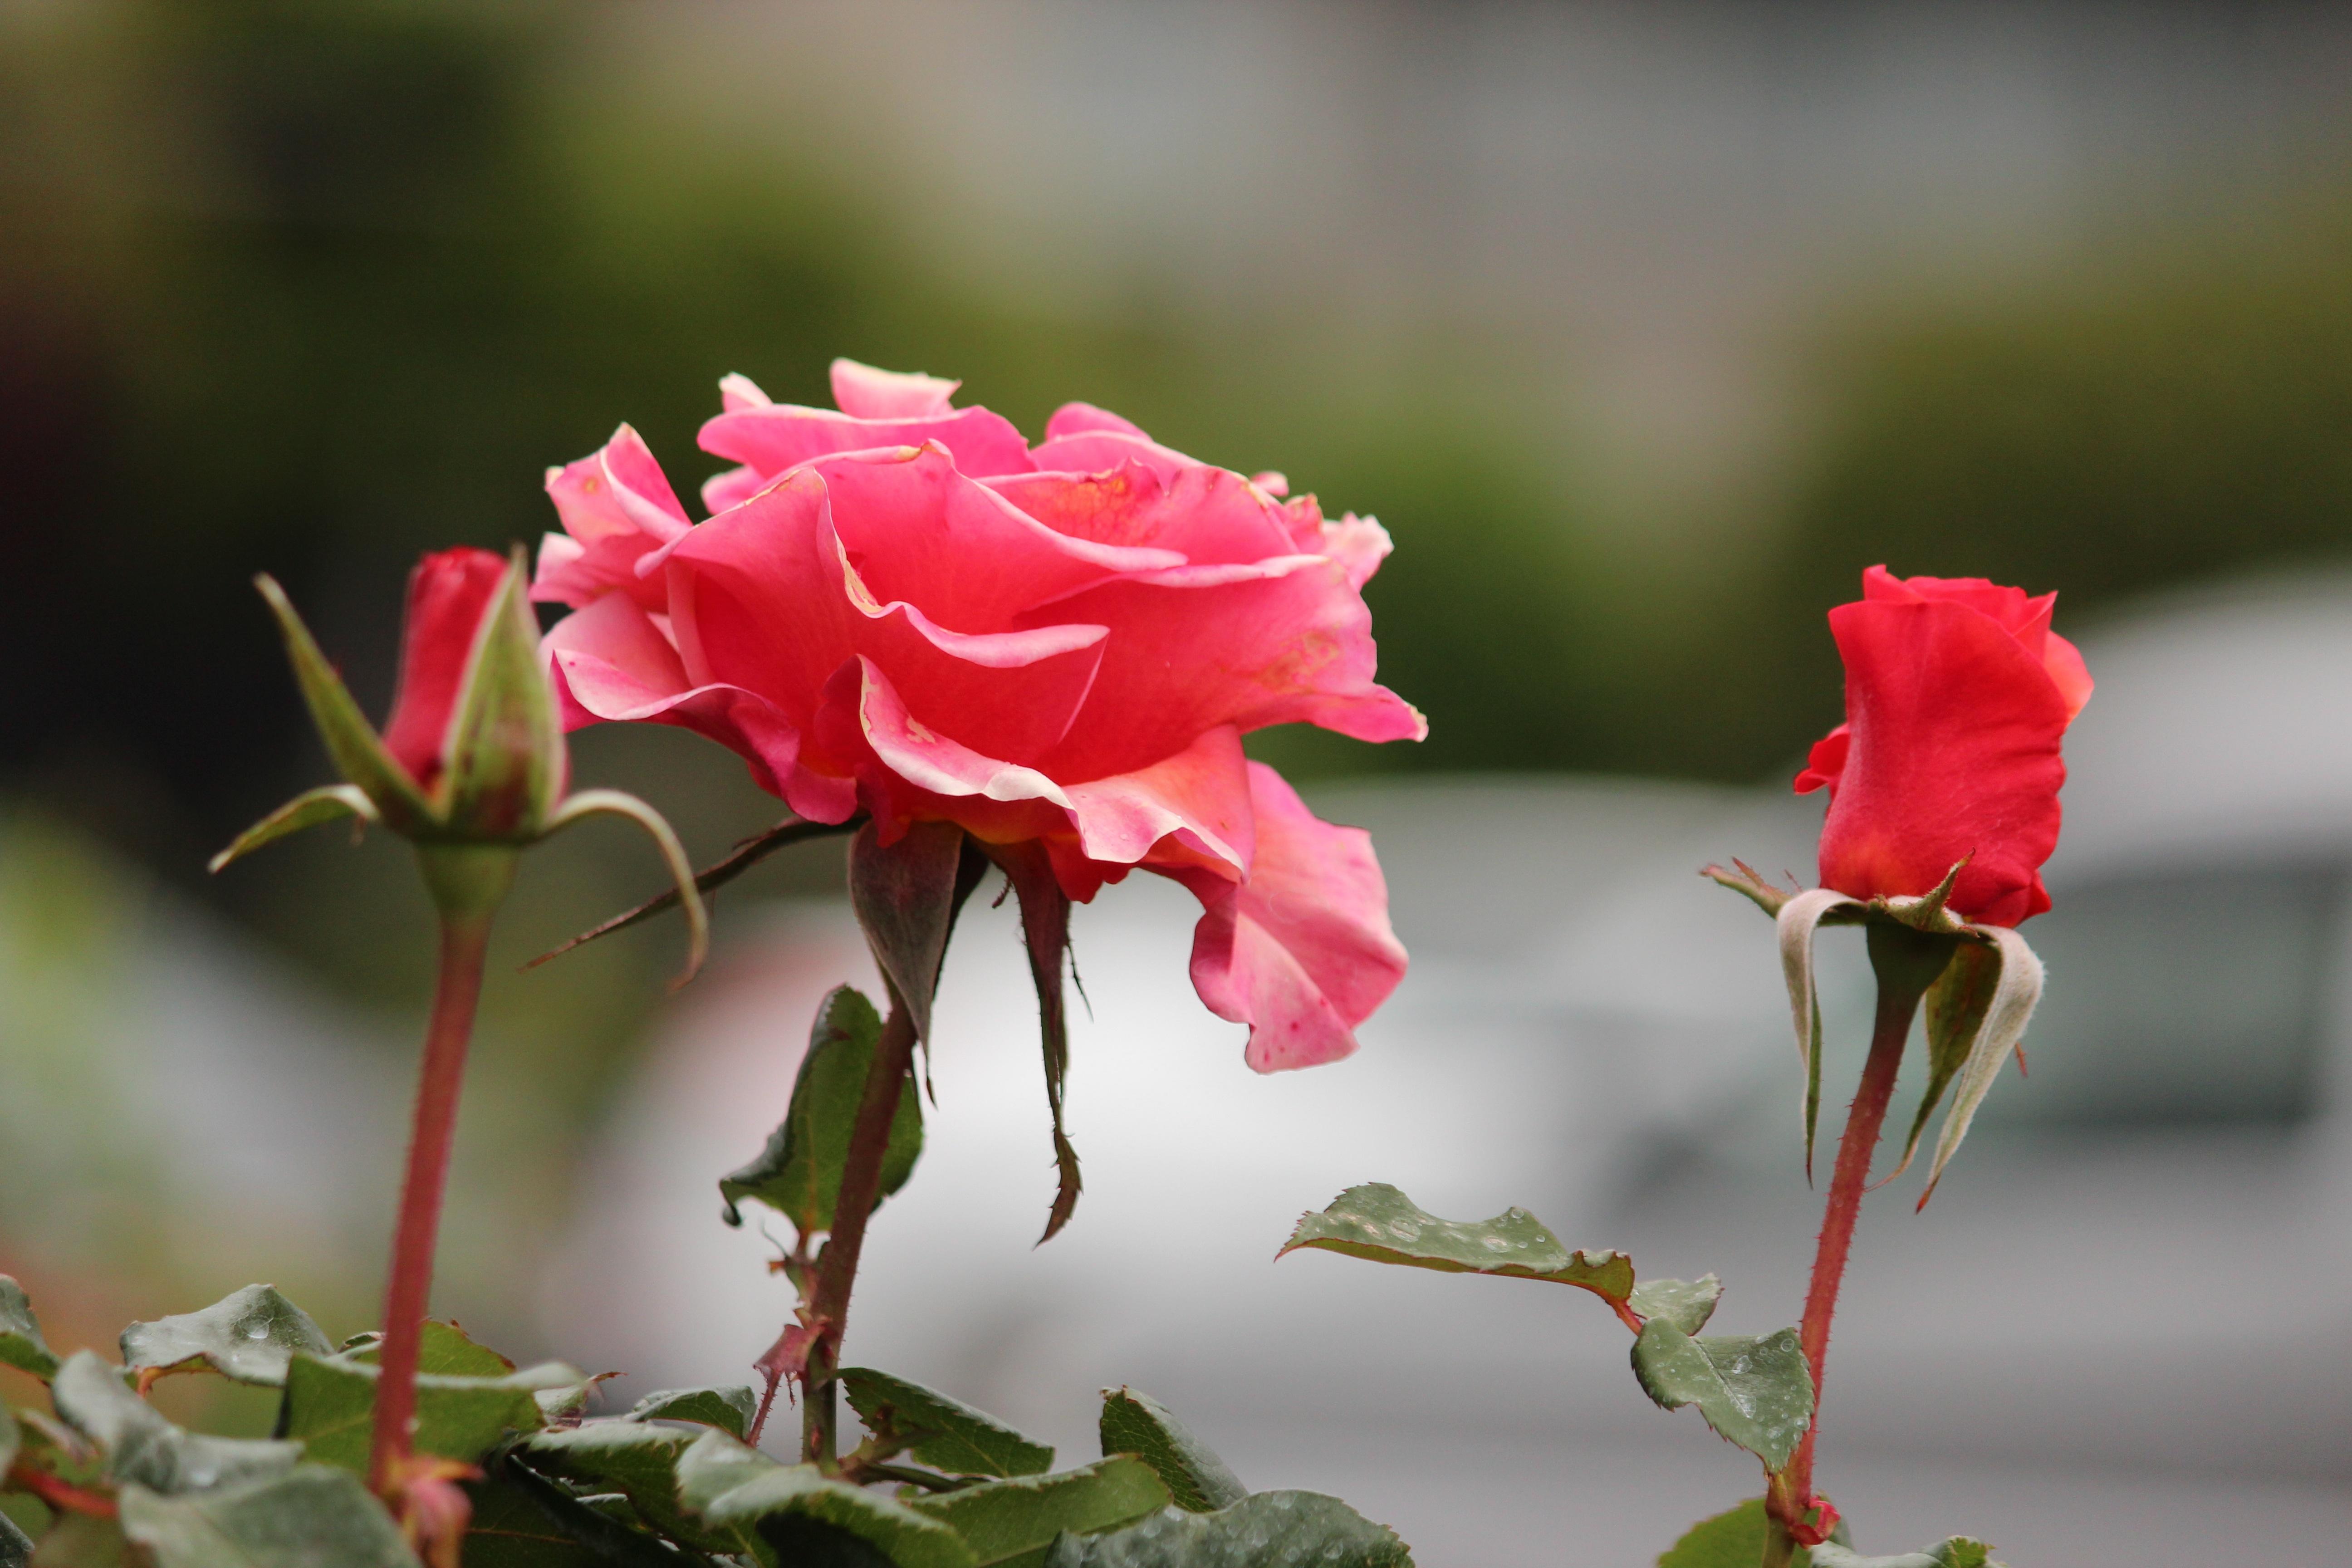 images gratuites : la nature, branche, fleur, tige, pétale